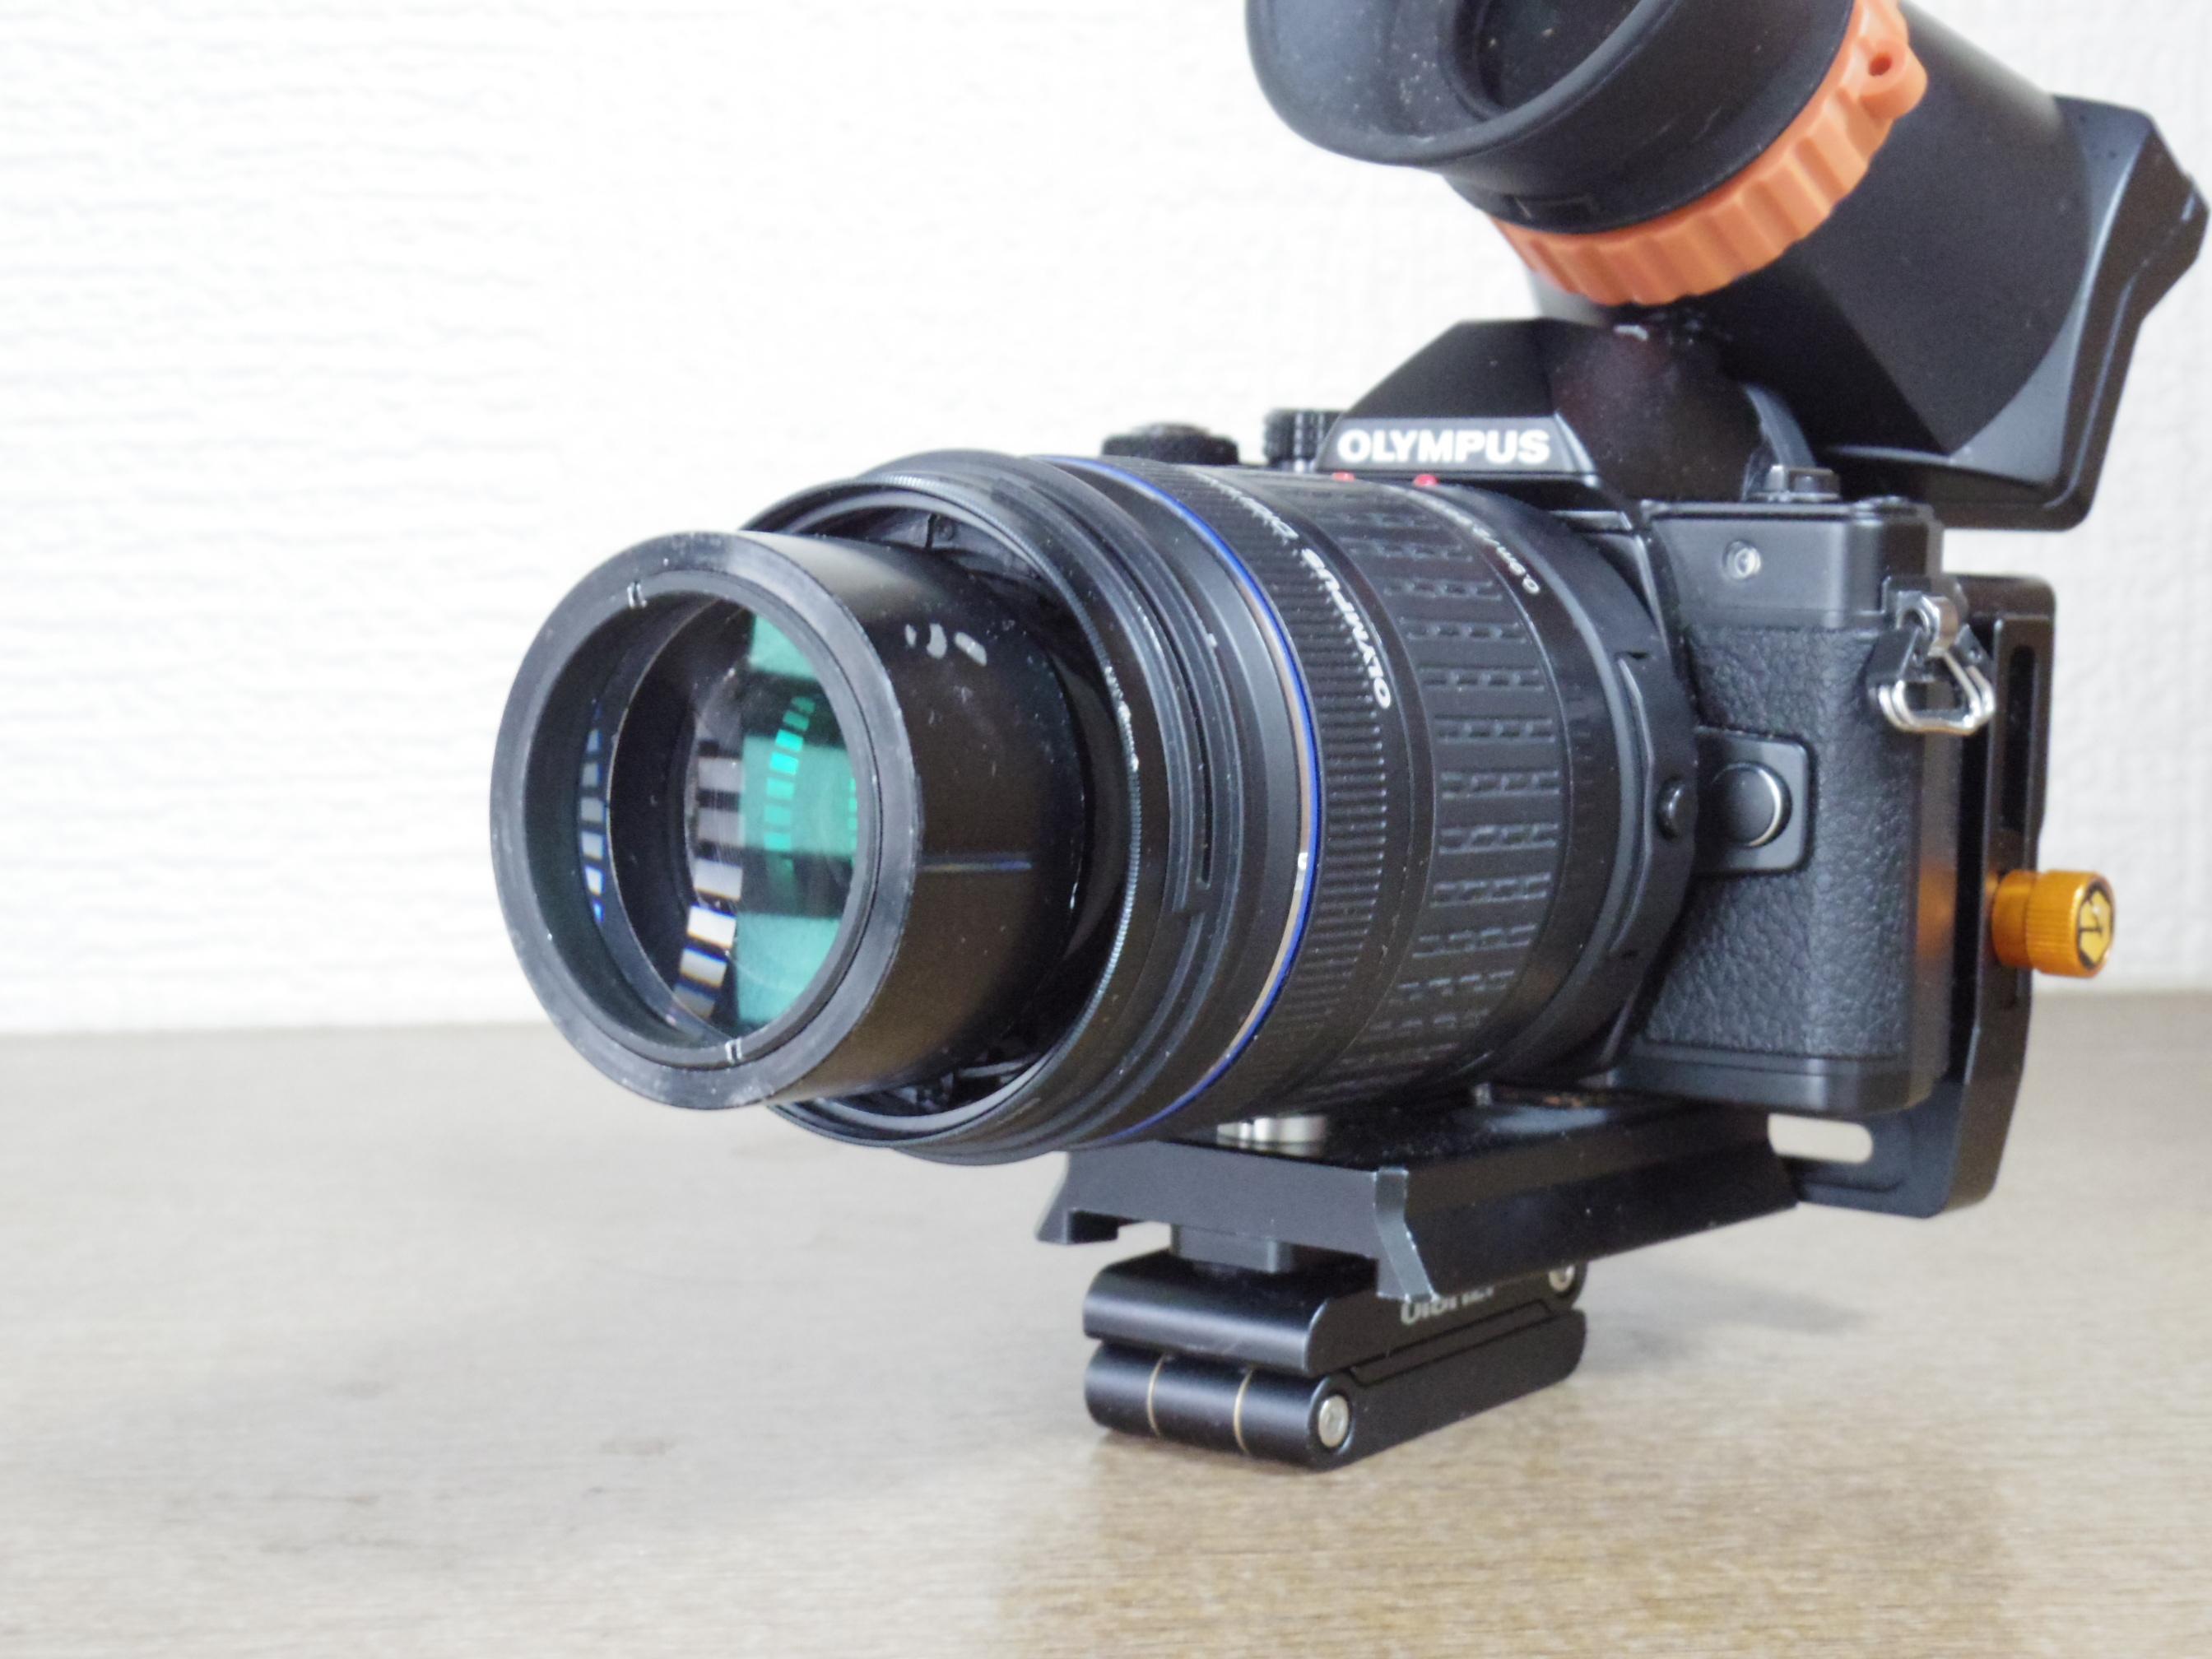 m10_mk2_ZS71ED_af_zuiko 40-150mm_2